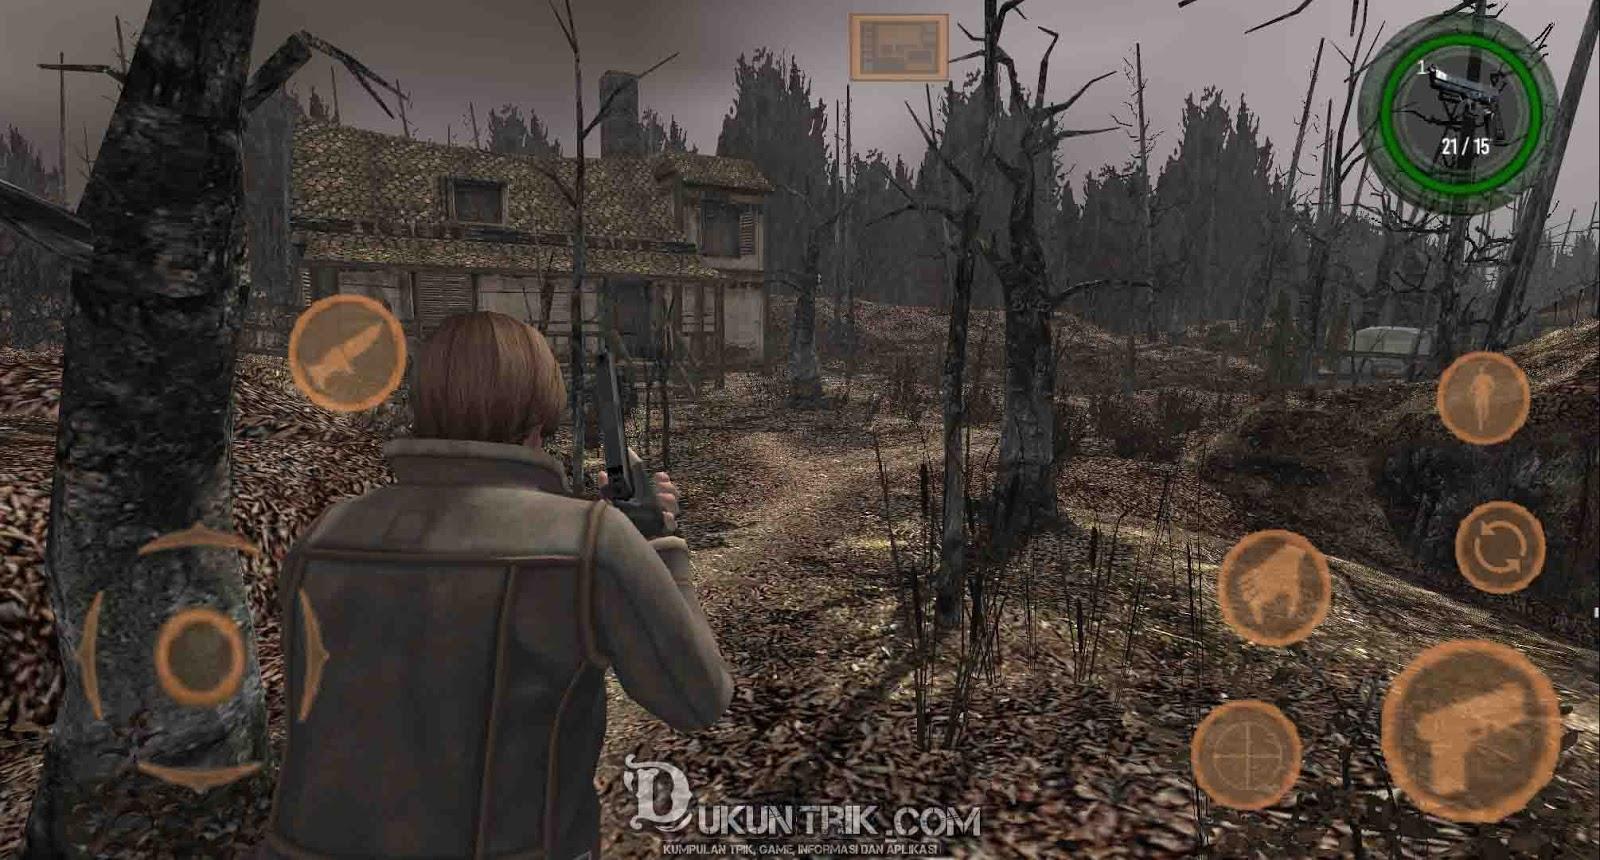 🔥 Resident evil 4 apk android dukuntrik   RESIDENT EVIL 4